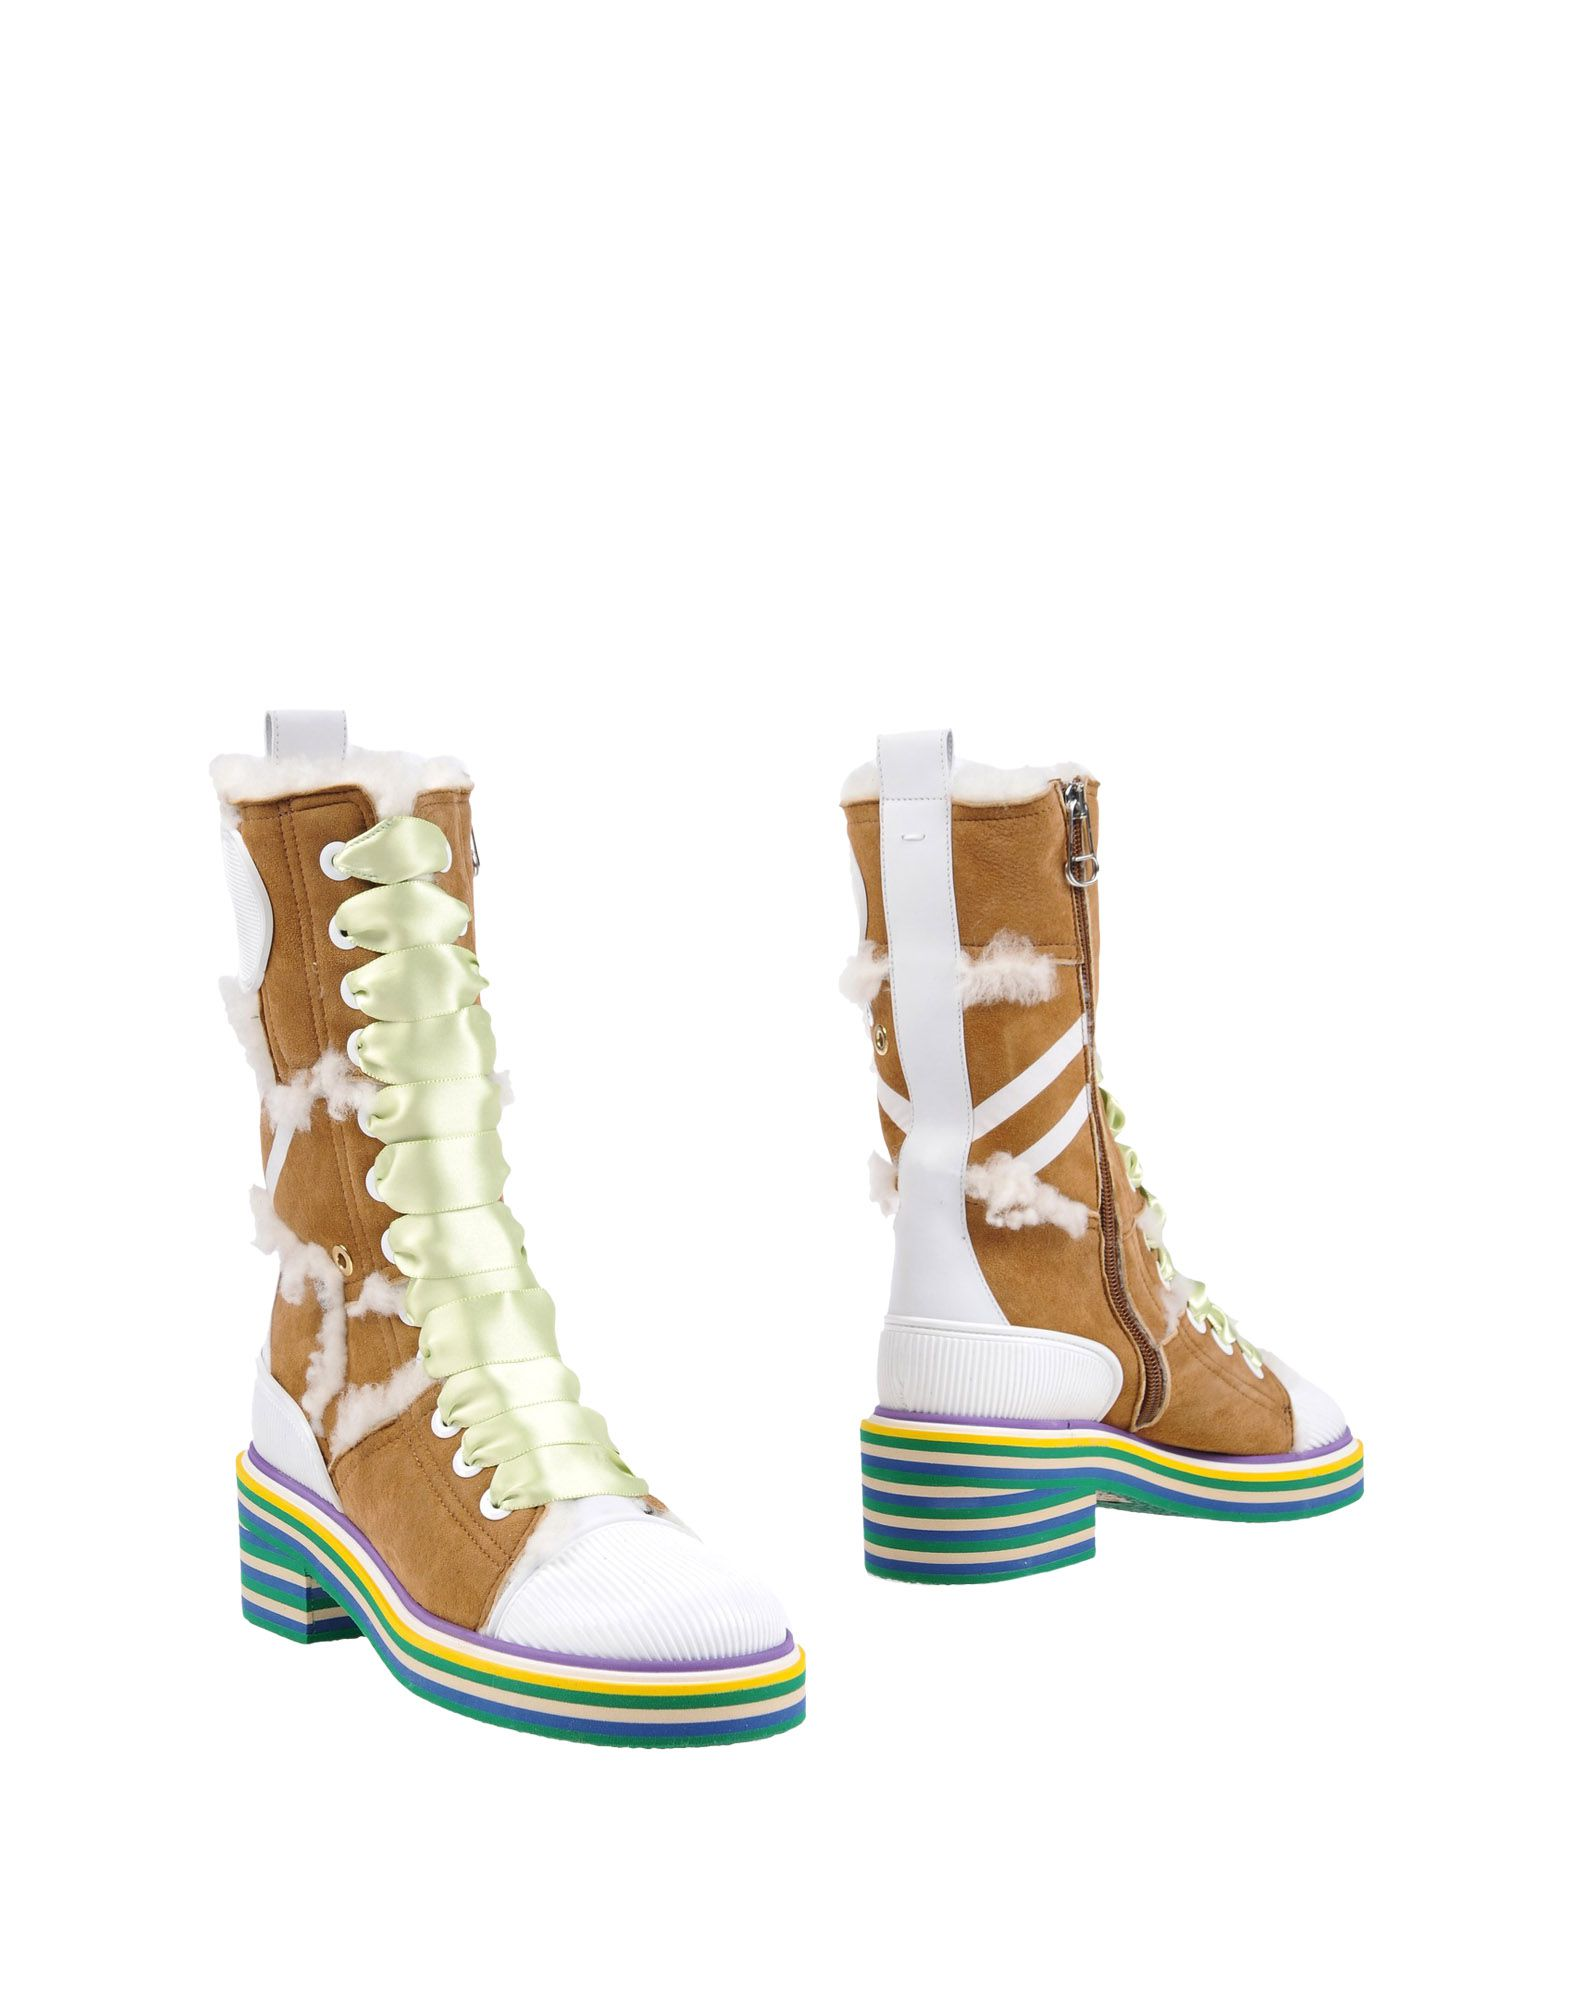 Maison Margiela Stiefelette Damen  Schuhe 11250550BRGünstige gut aussehende Schuhe  38c4b0